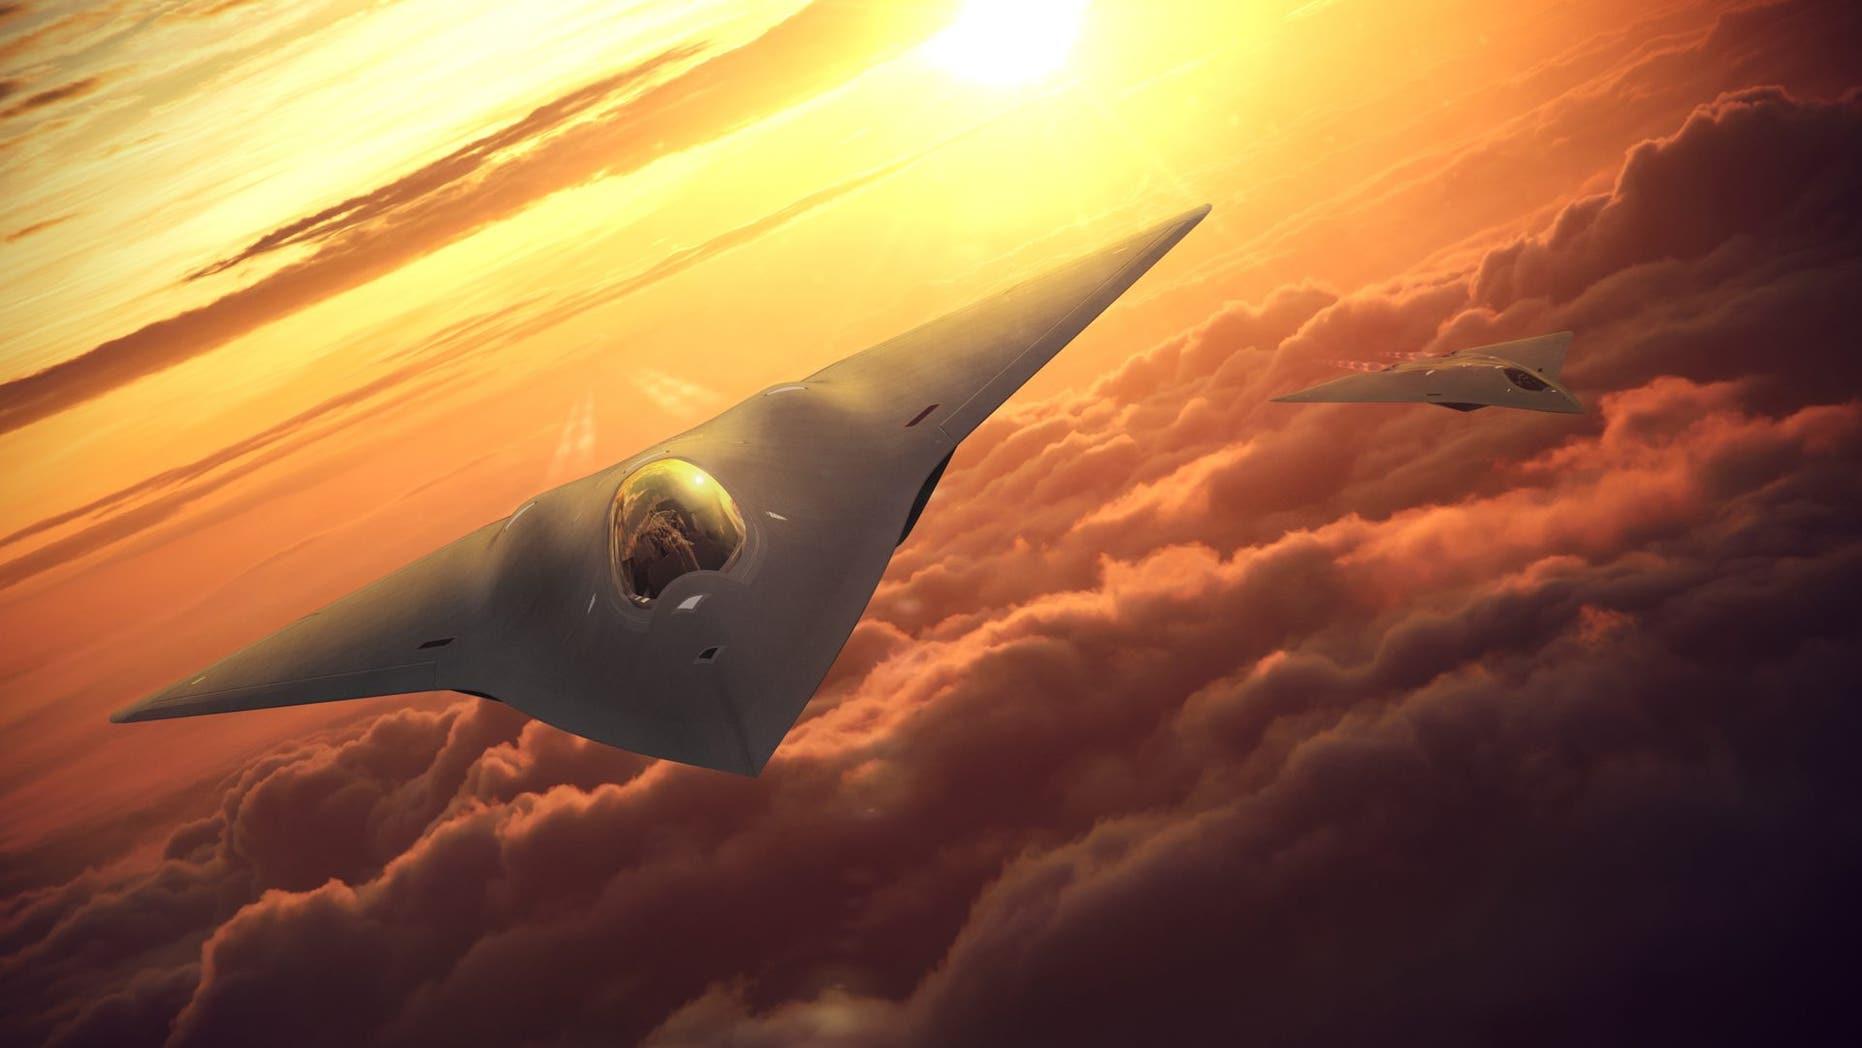 Fighter jet rendering (Lockheed Martin)